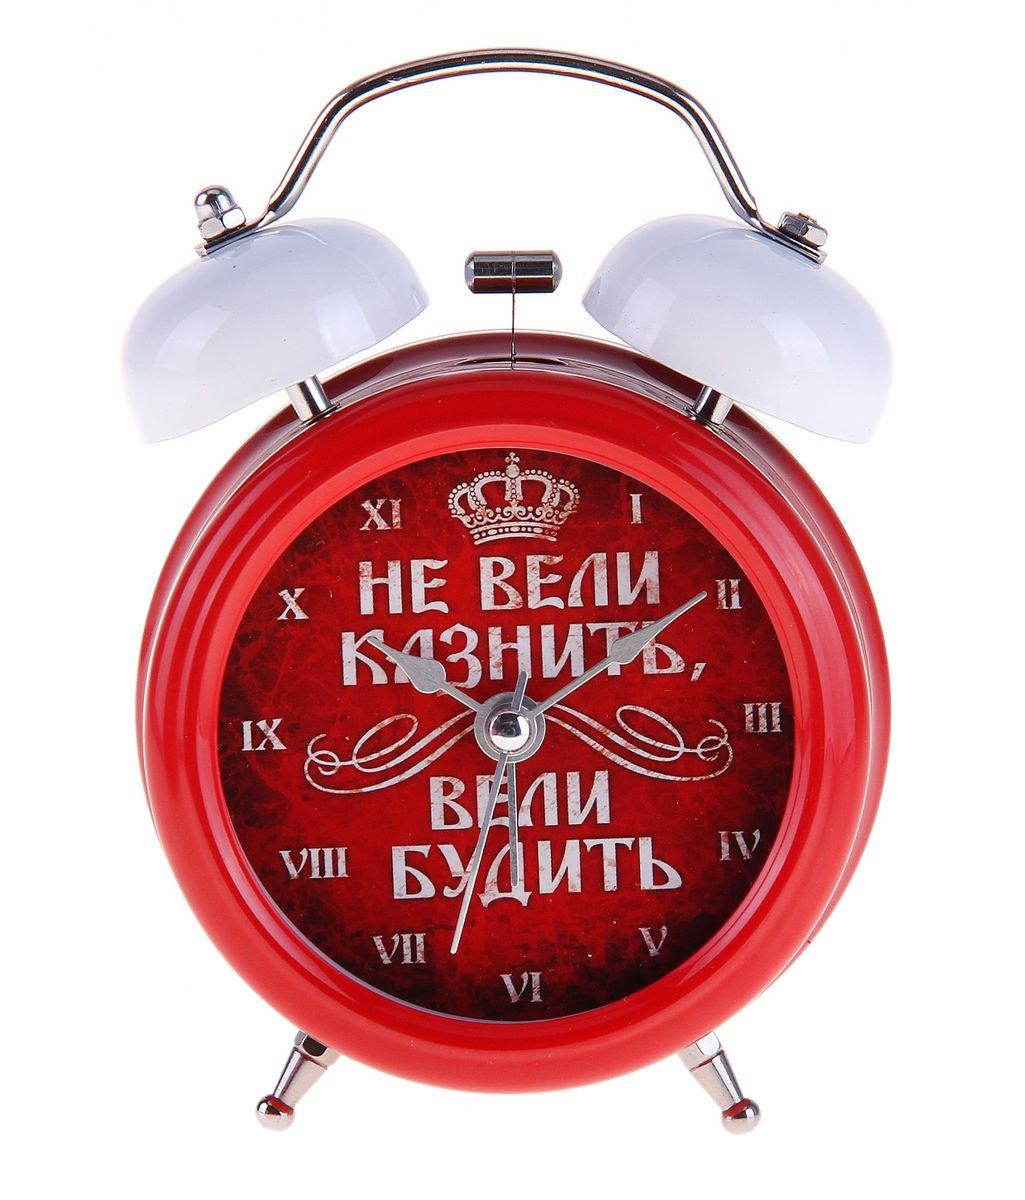 Часы-будильник Sima-land Вели будить728394Как же сложно иногда вставать вовремя! Всегда так хочется поспать еще хотя бы 5 минут и бывает, что мы просыпаем. Теперь этого не случится! Яркий, оригинальный будильник Sima-land Вели будить поможет вам всегда вставать в нужное время и успевать везде и всюду.Корпус будильника выполнен из металла. Циферблат оформлен забавной надписью: Не вели казнить, вели будить, имеет индикацию римскими цифрами. Часы снабжены 4 стрелками (секундная, минутная, часовая и для будильника). На задней панели будильника расположен переключатель включения/выключения механизма, а также два колесика для настройки текущего времени и времени звонка будильника.Пользоваться будильником очень легко: нужно всего лишь поставить батарейку, настроить точное время и установить время звонка. Необходимо докупить 1 батарейку типа АА (не входит в комплект).